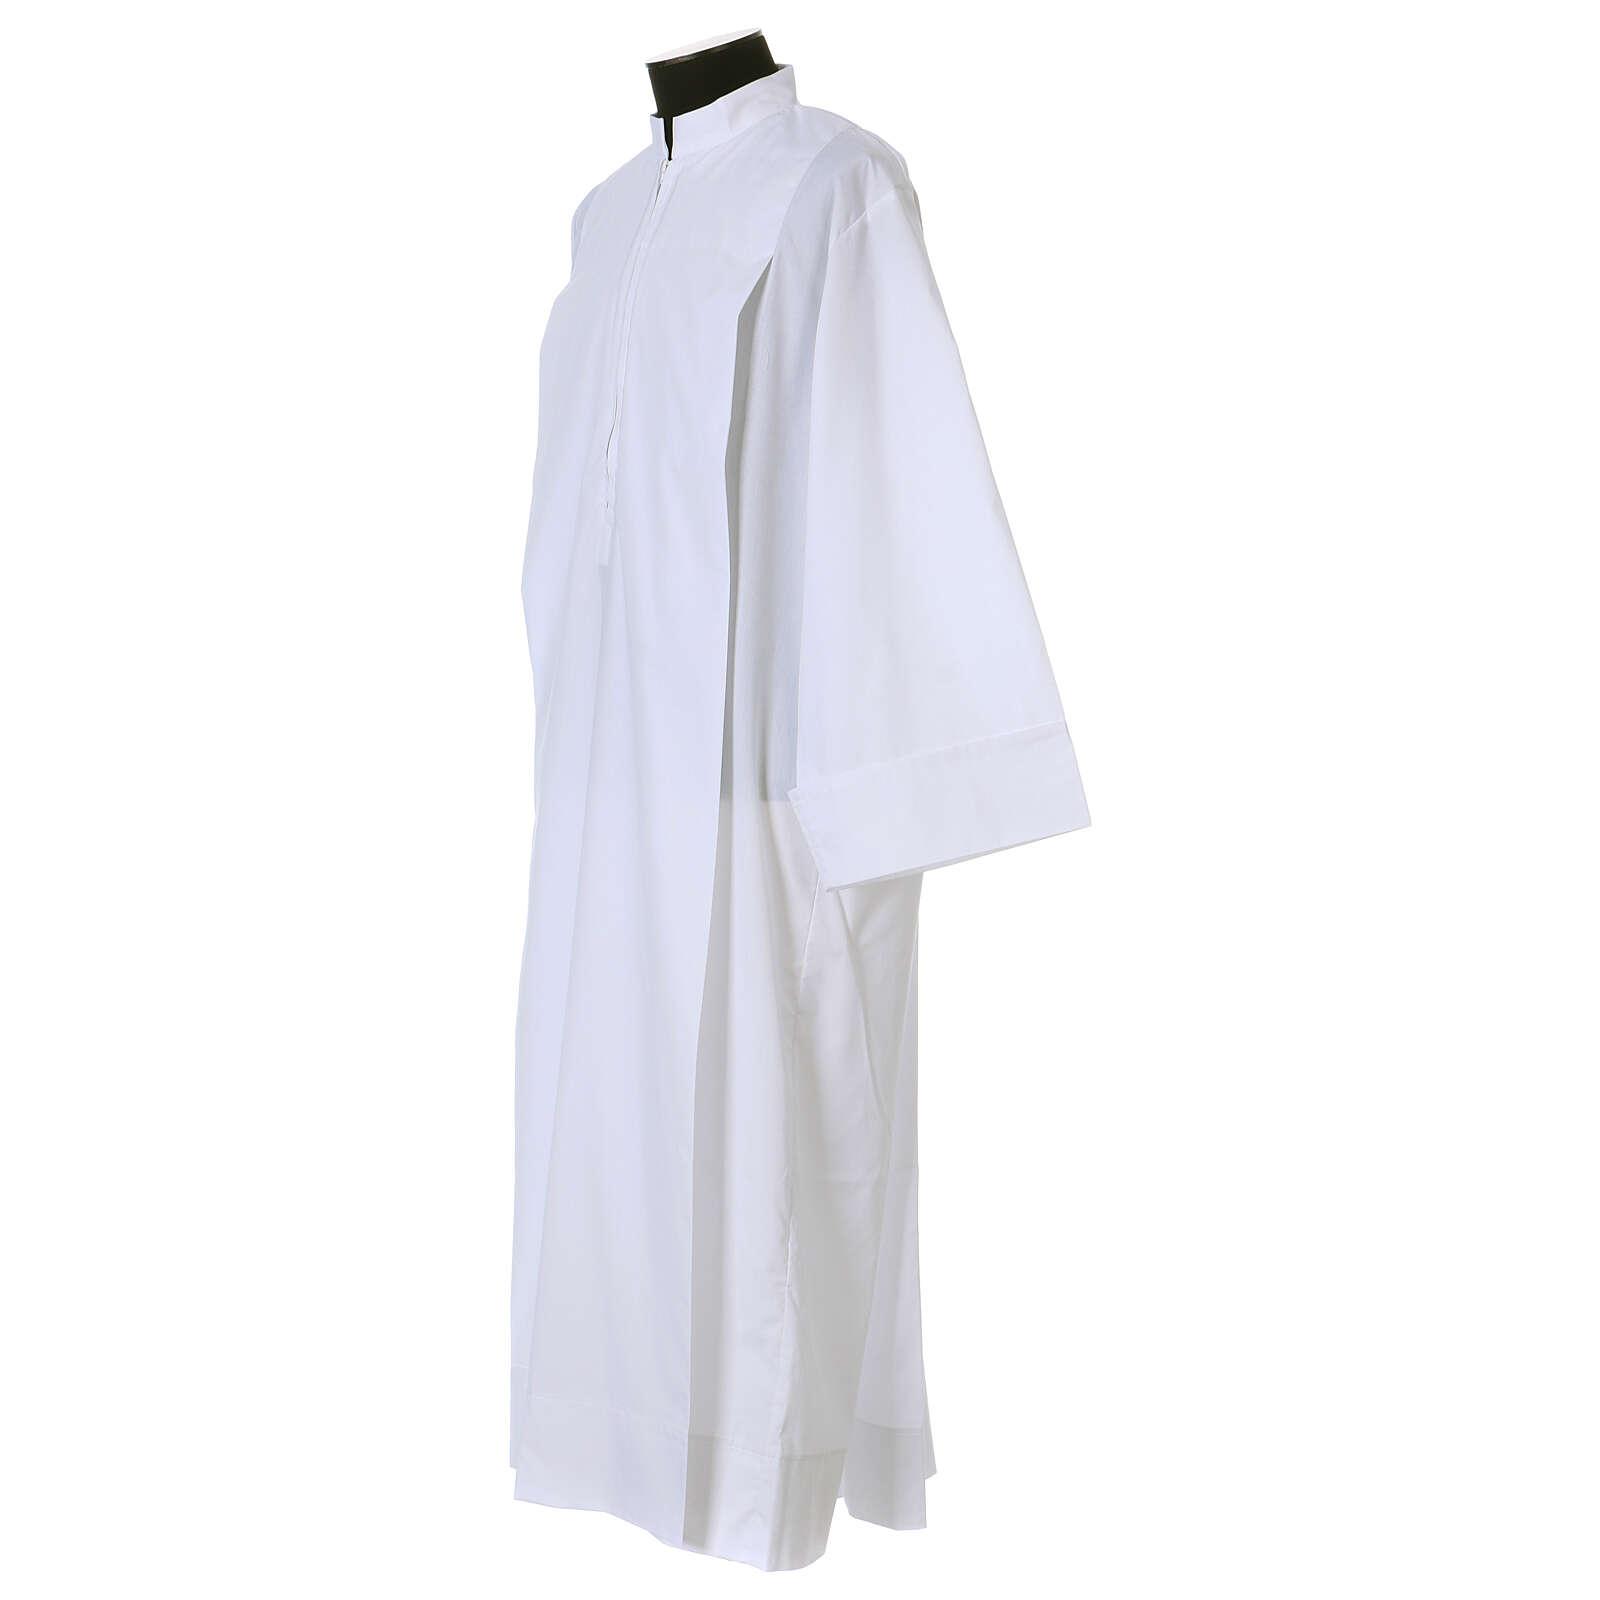 Alva branca 65% poliéster 35% algodão 2 pregas fecho de  correr na frente 4